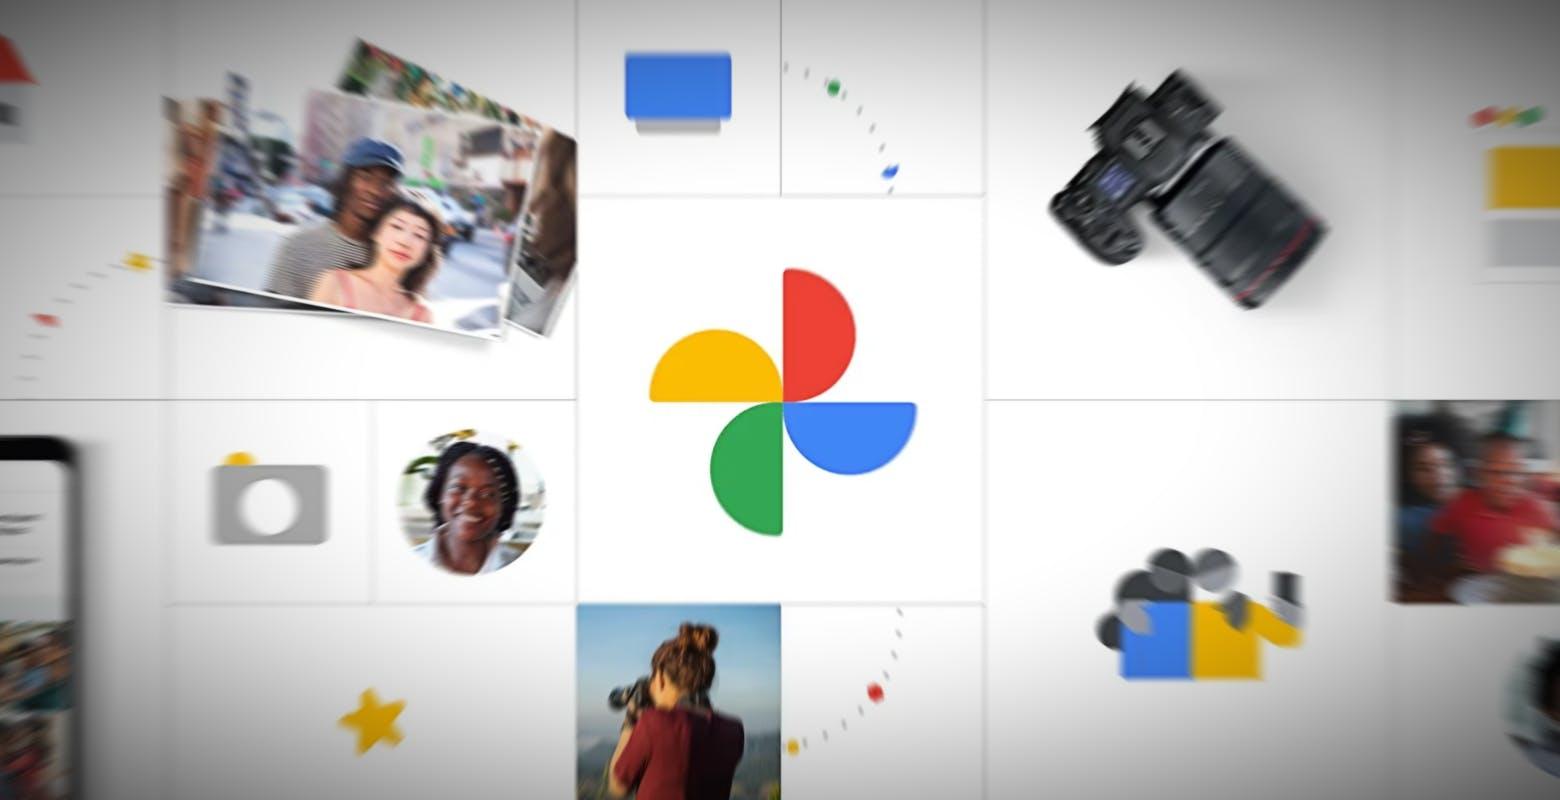 ¿Qué sucede con las fotos y videos en Google Fotos después del 1 de junio de 2021? La guía